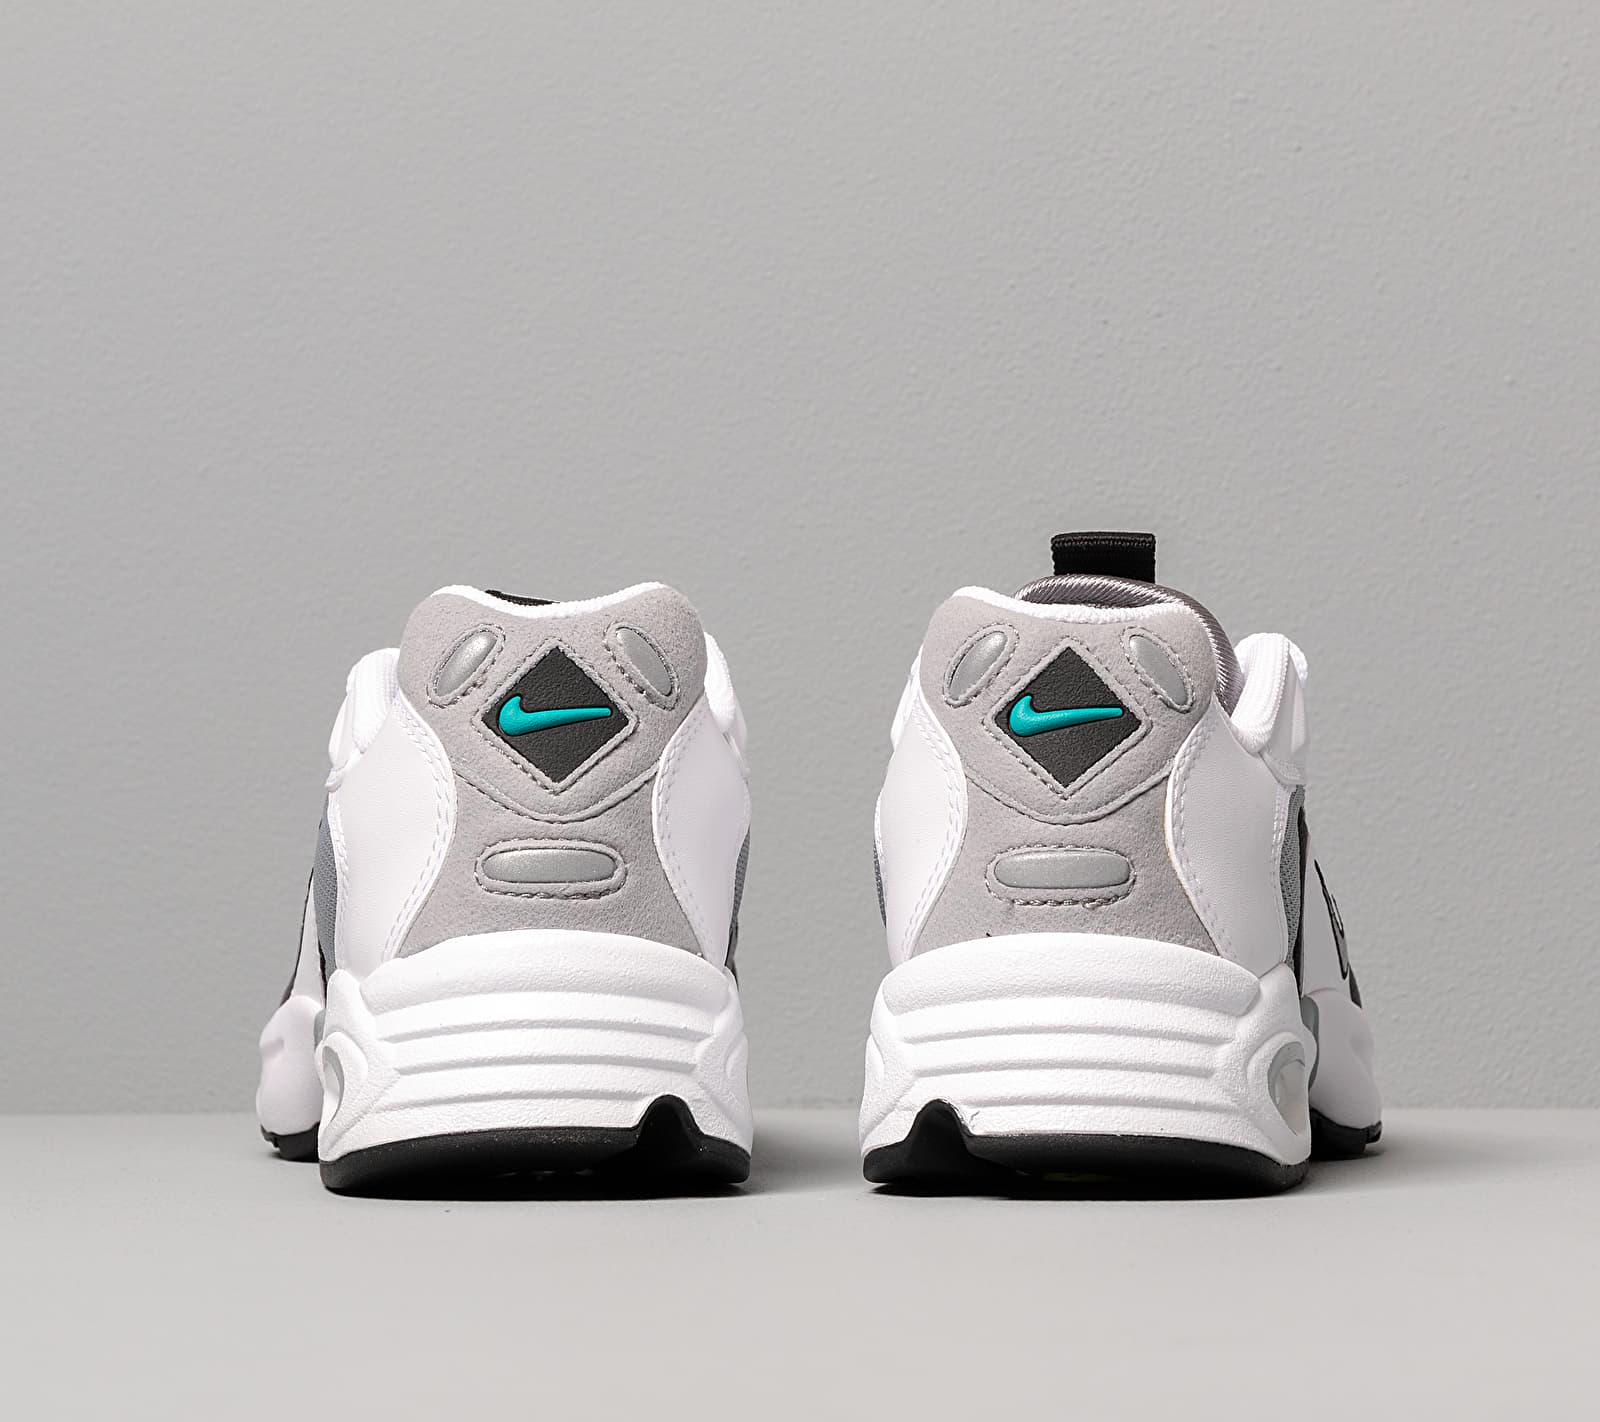 Nike Air Max Triax White Particle Grey Black Volt